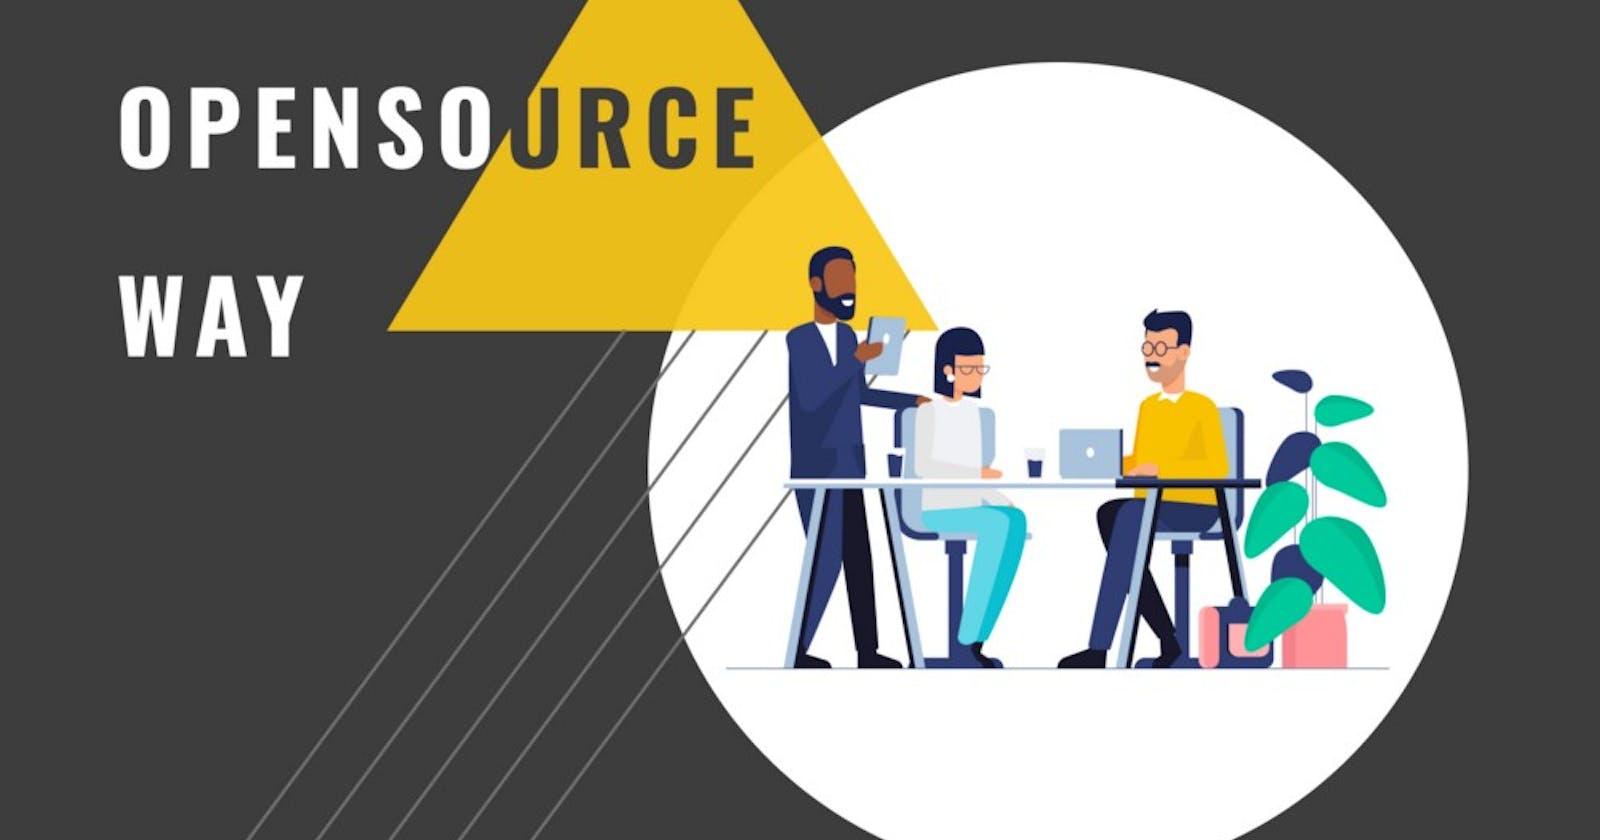 OSCALokoja Meetup Recap — The Open Source Way